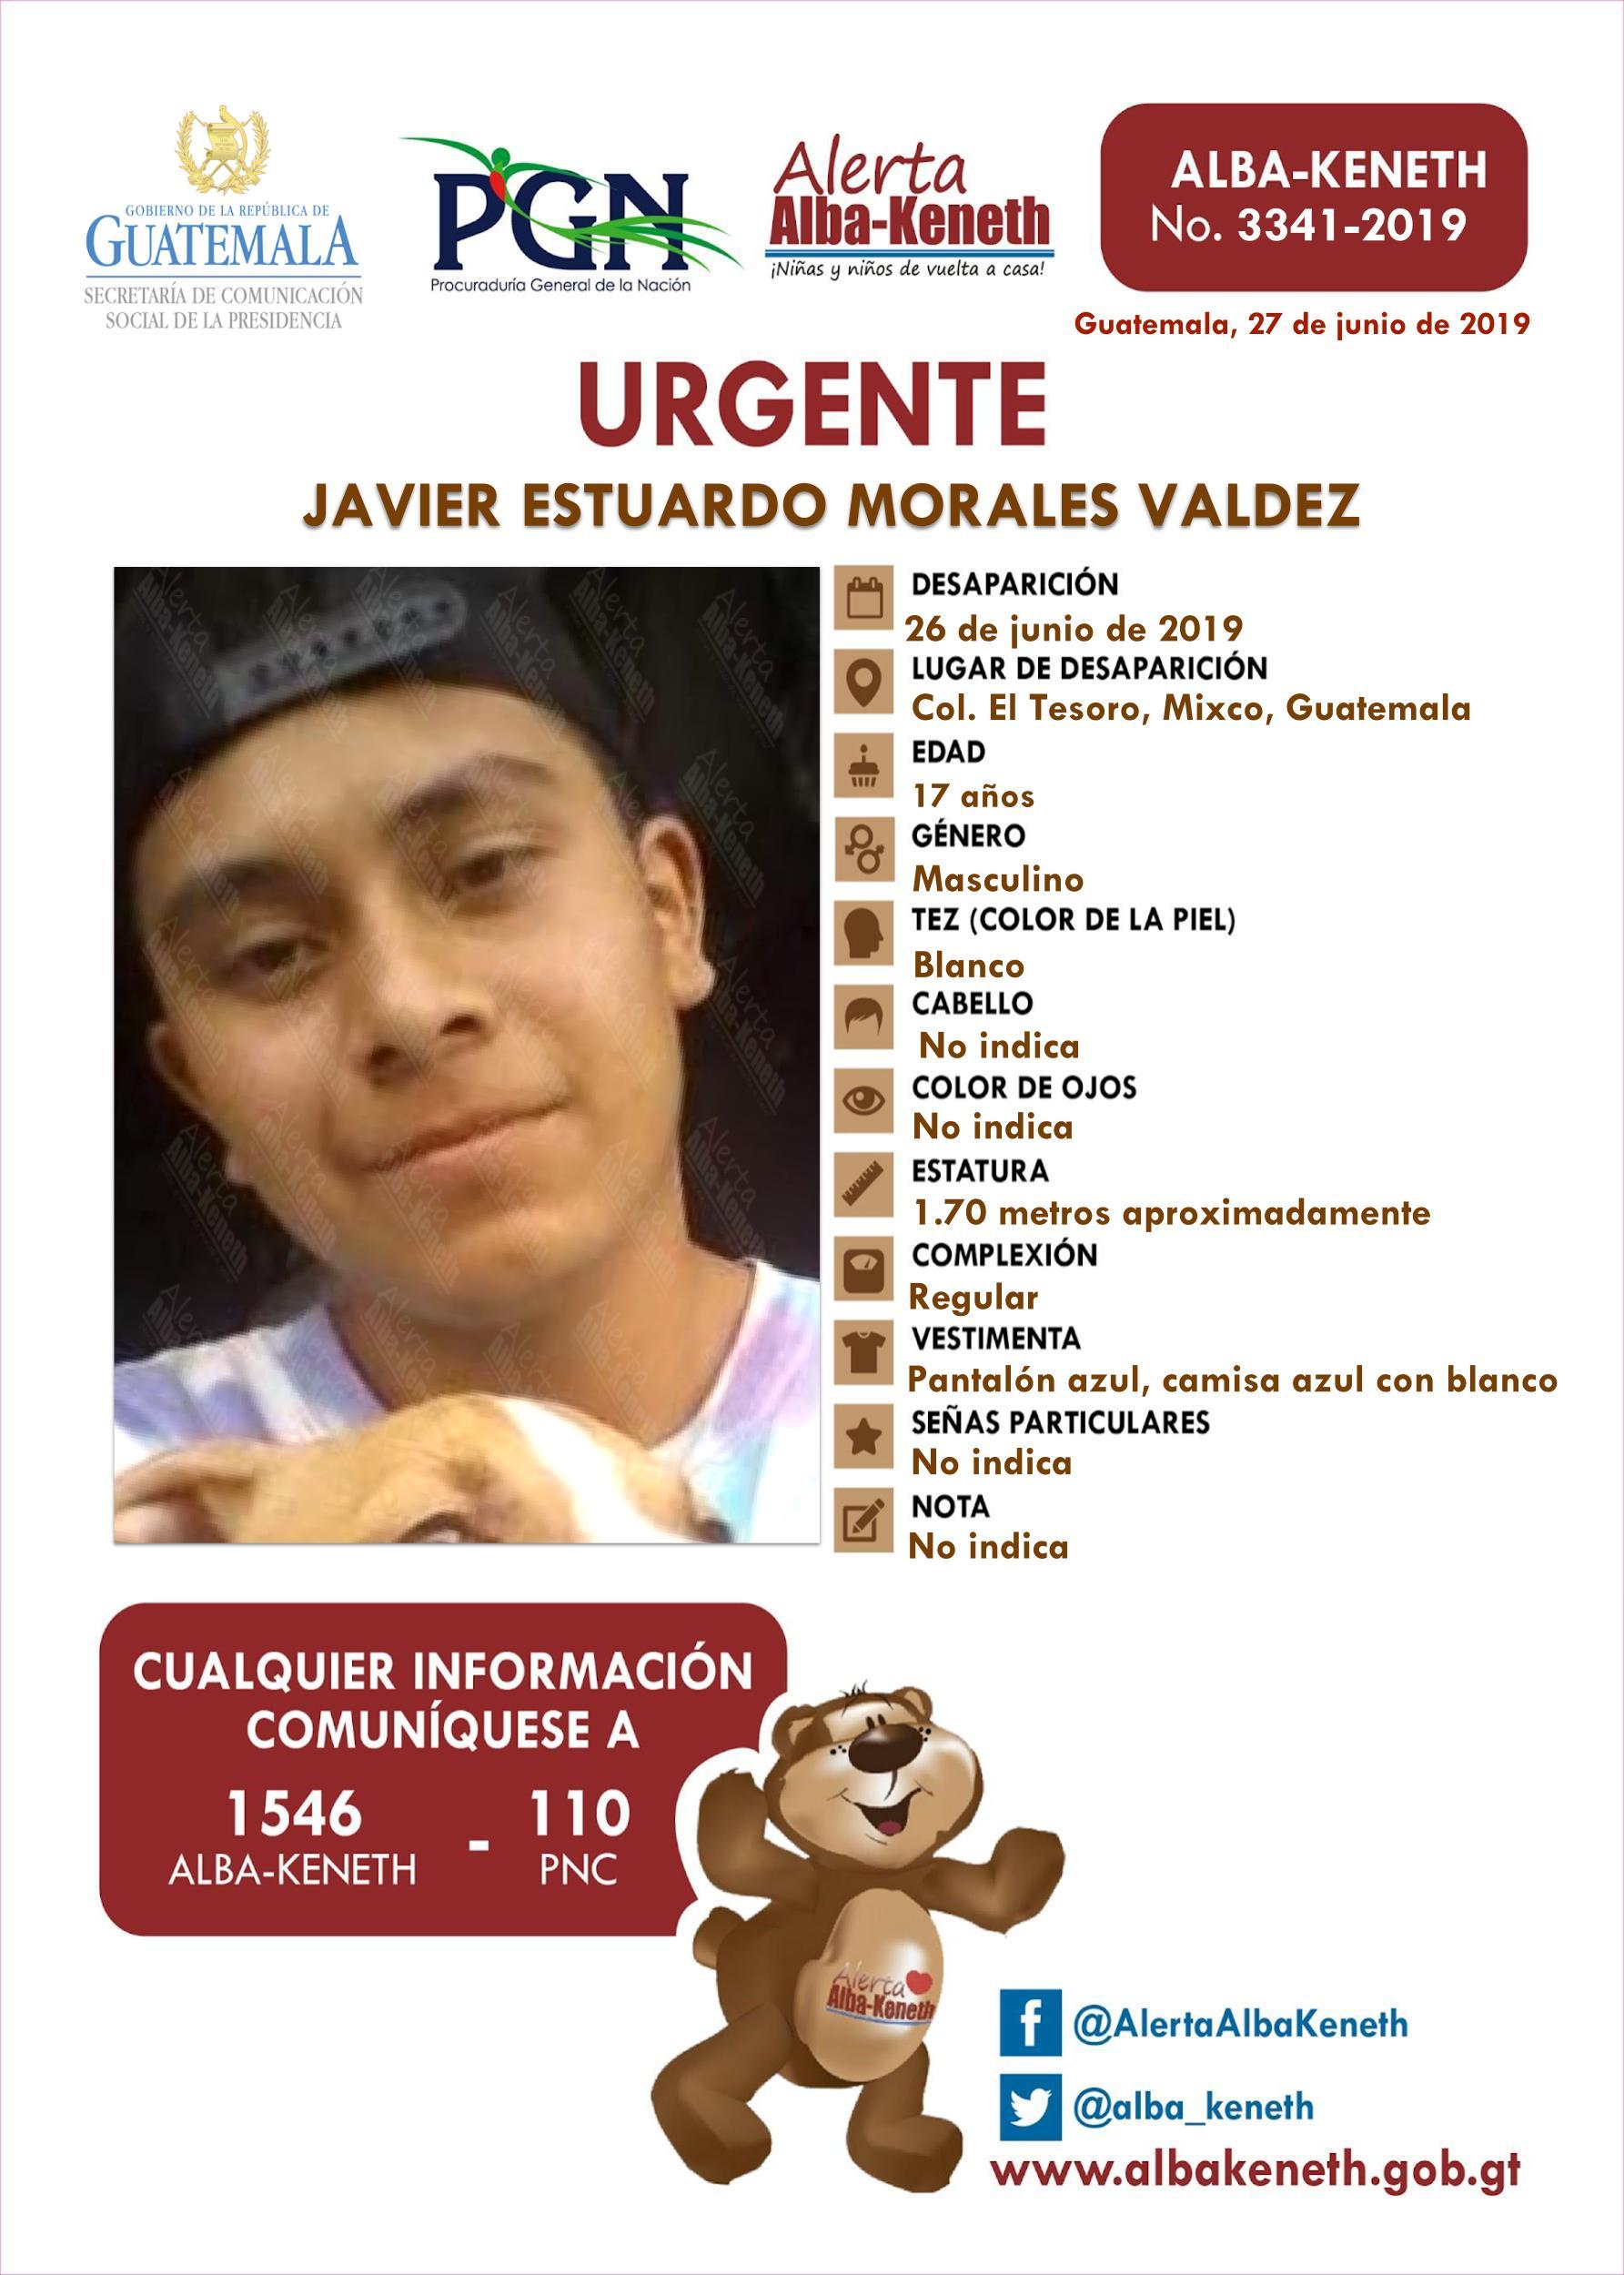 Javier Estuardo Morales Valdez